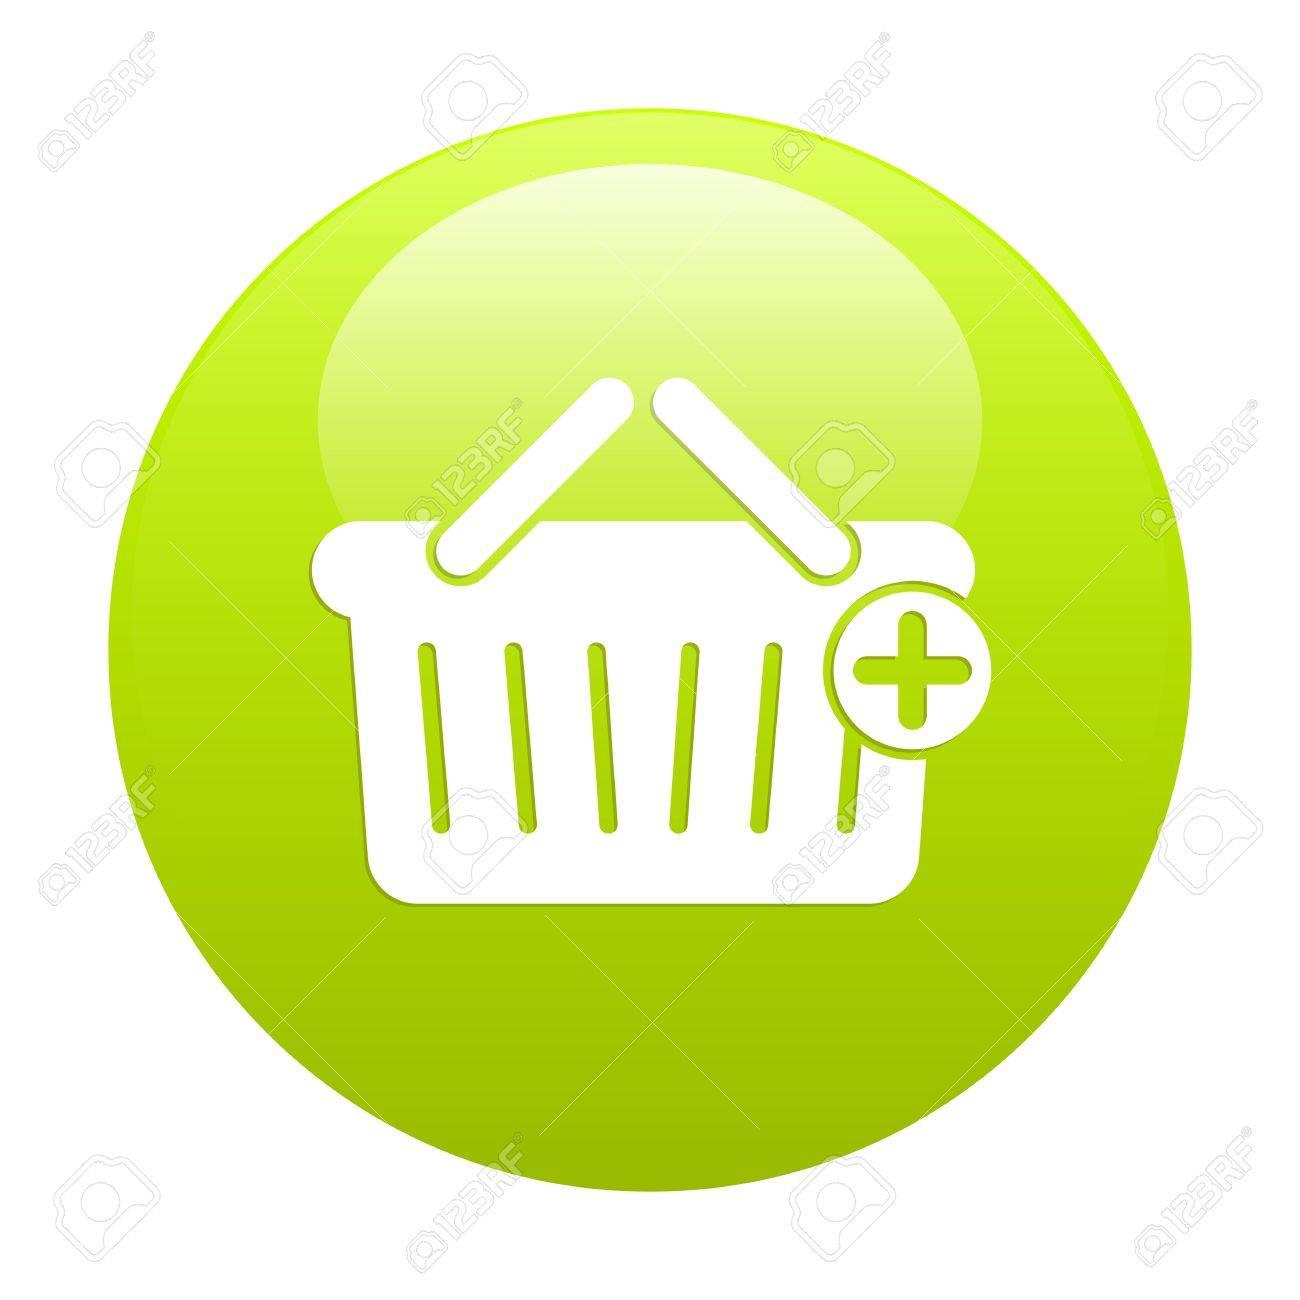 bouton internet panier icon green Stock Vector - 21448093